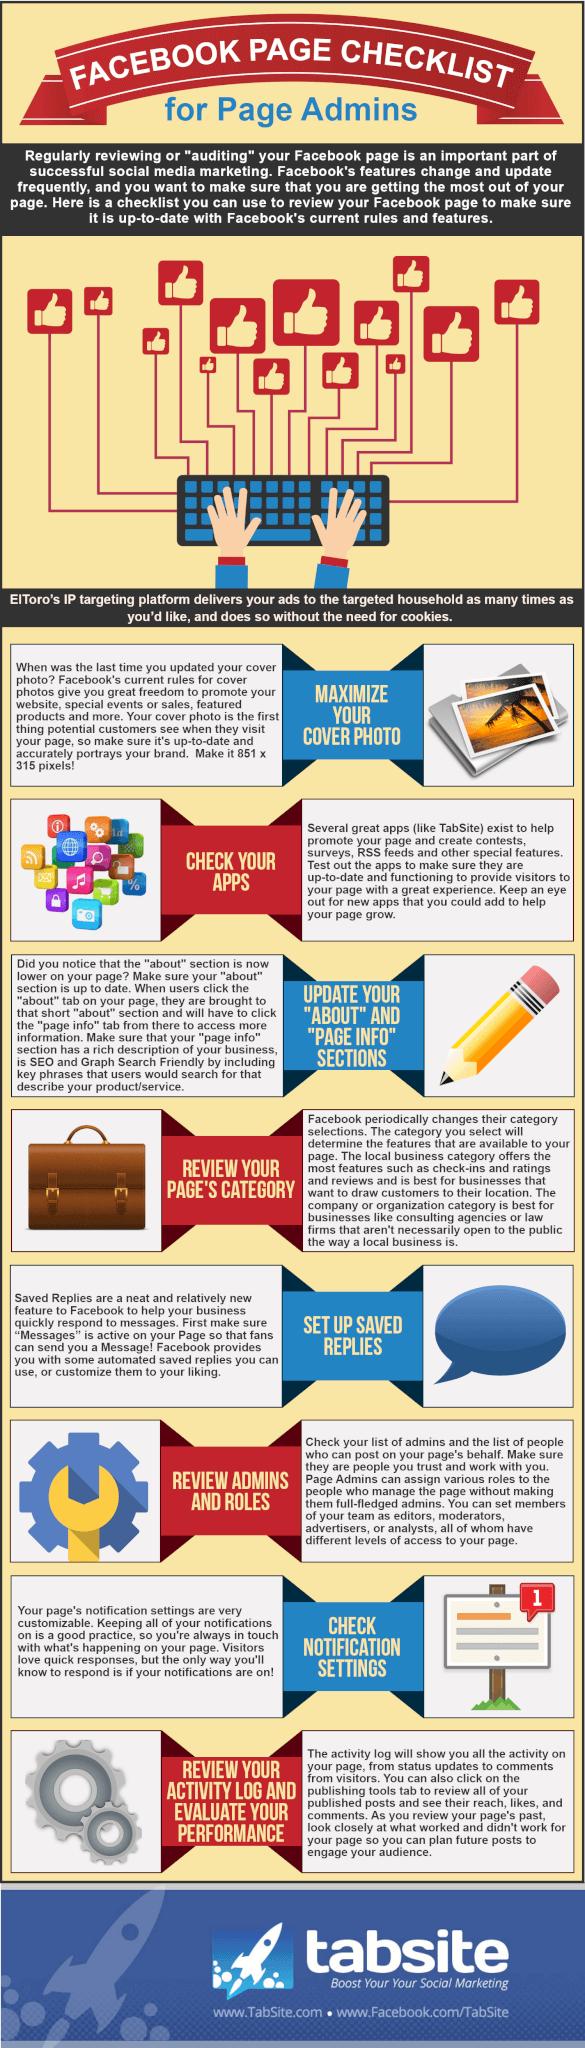 Facebook Page Checklist for Facebook Admins (1)